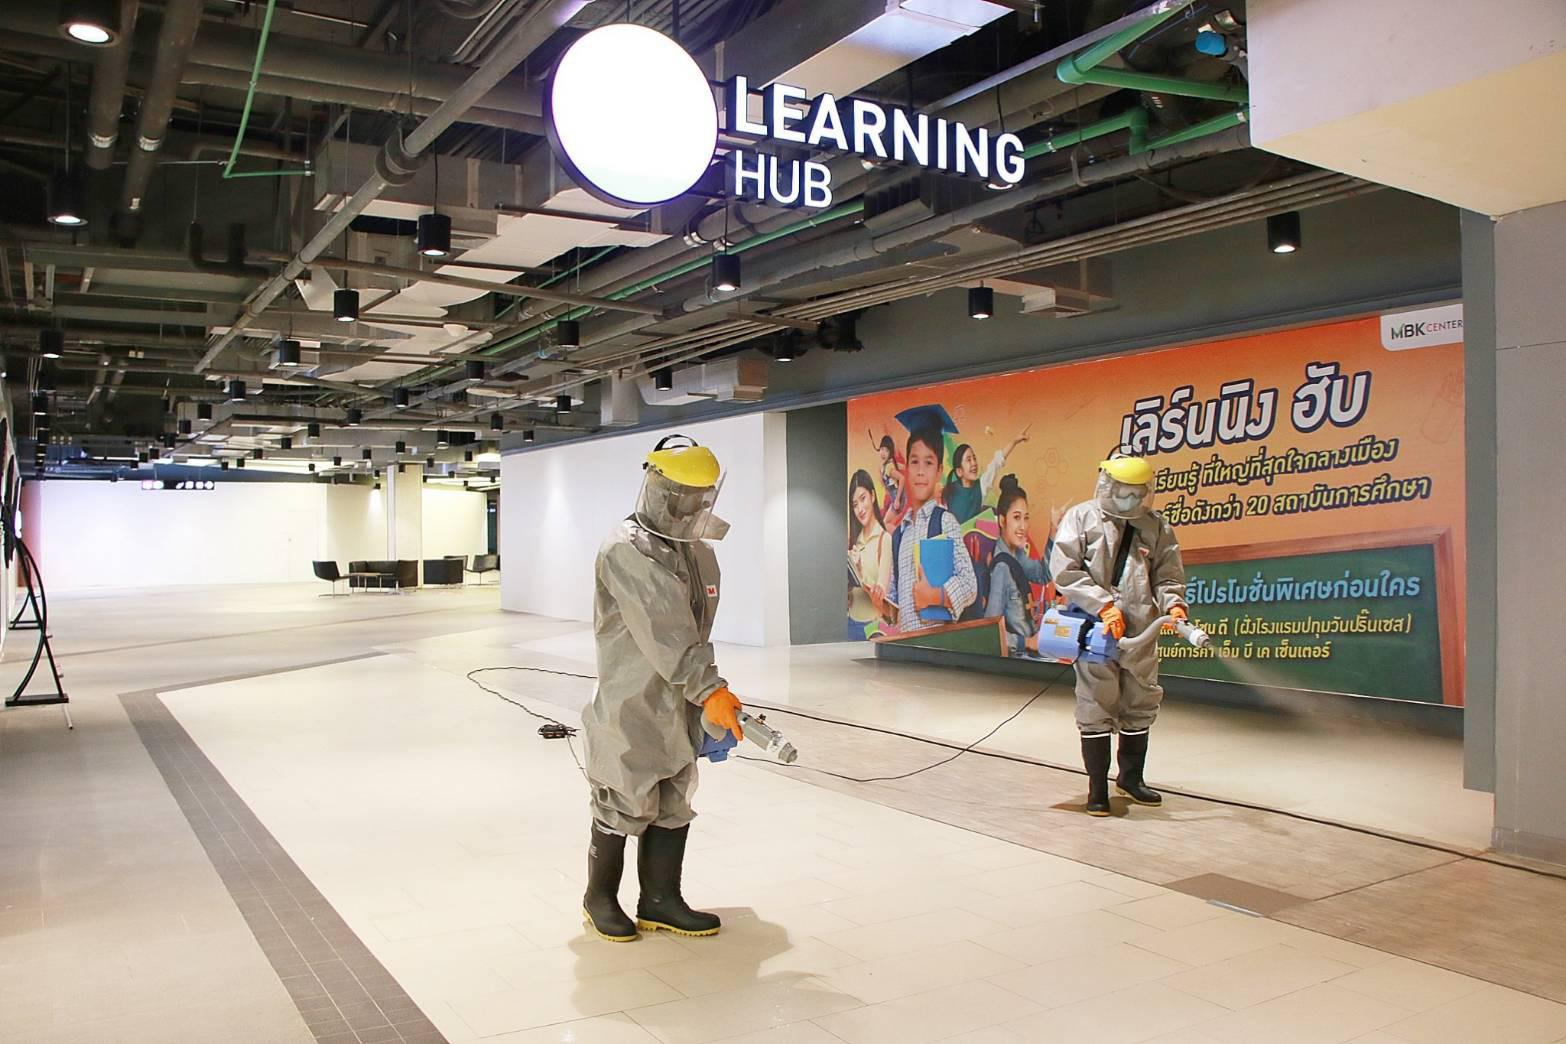 เอ็ม บี เค รับศักราชใหม่ กับอาณาจักรแห่งการเรียนรู้ Learning Hub ชั้น 5 เต็มรูปแบบ ติวเตอร์ชื่อดังเข้าร่วมกว่า 20 สถาบัน